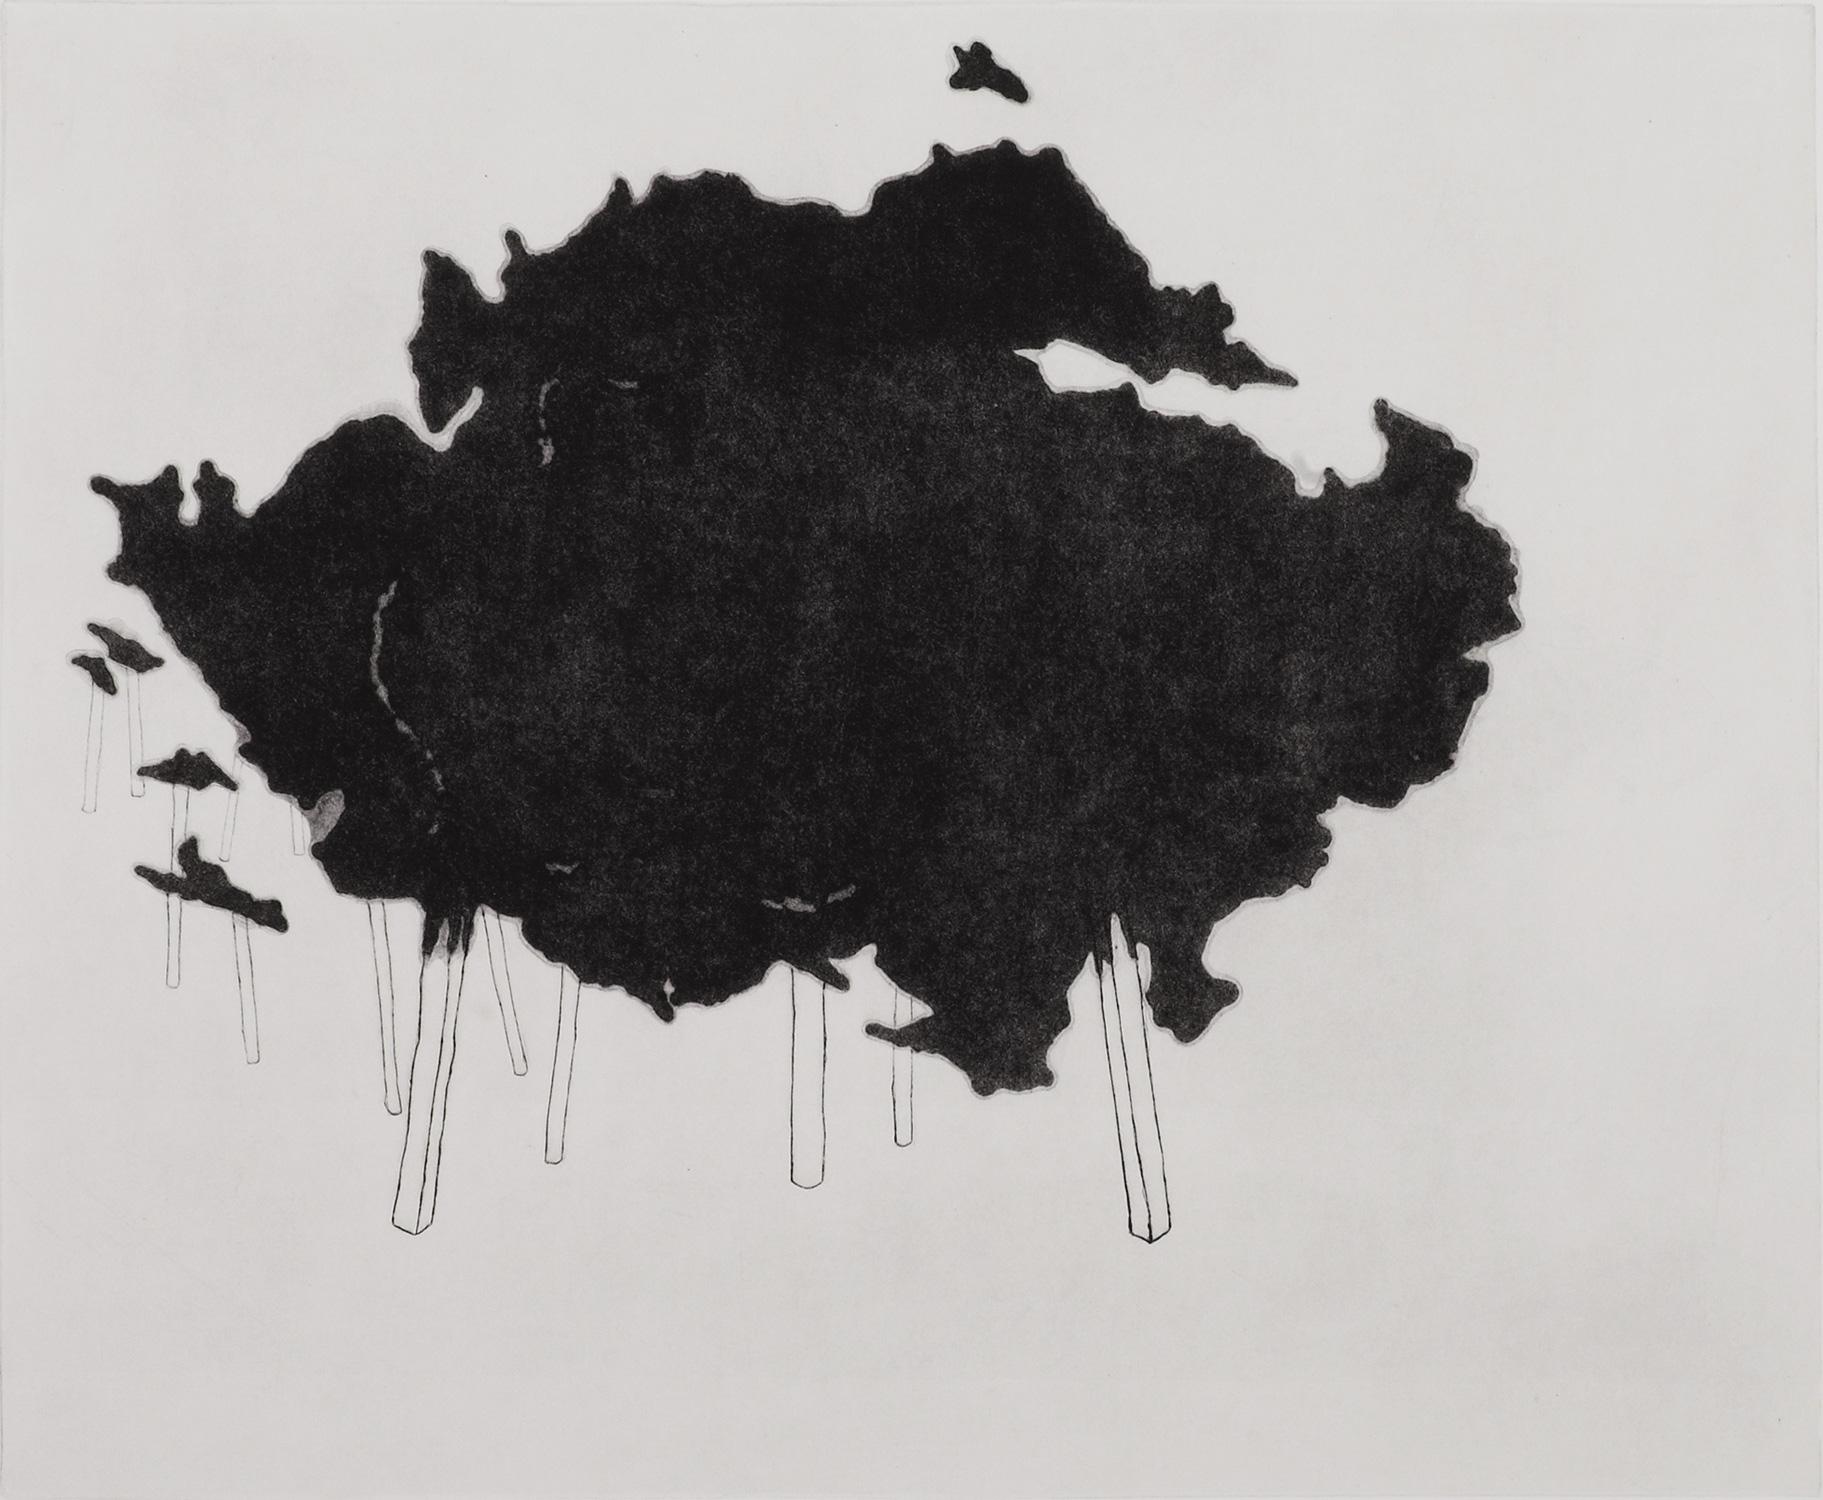 <i>sans titre</i>, 2009, fleur de soufre et pointe sèche, 65x80cm